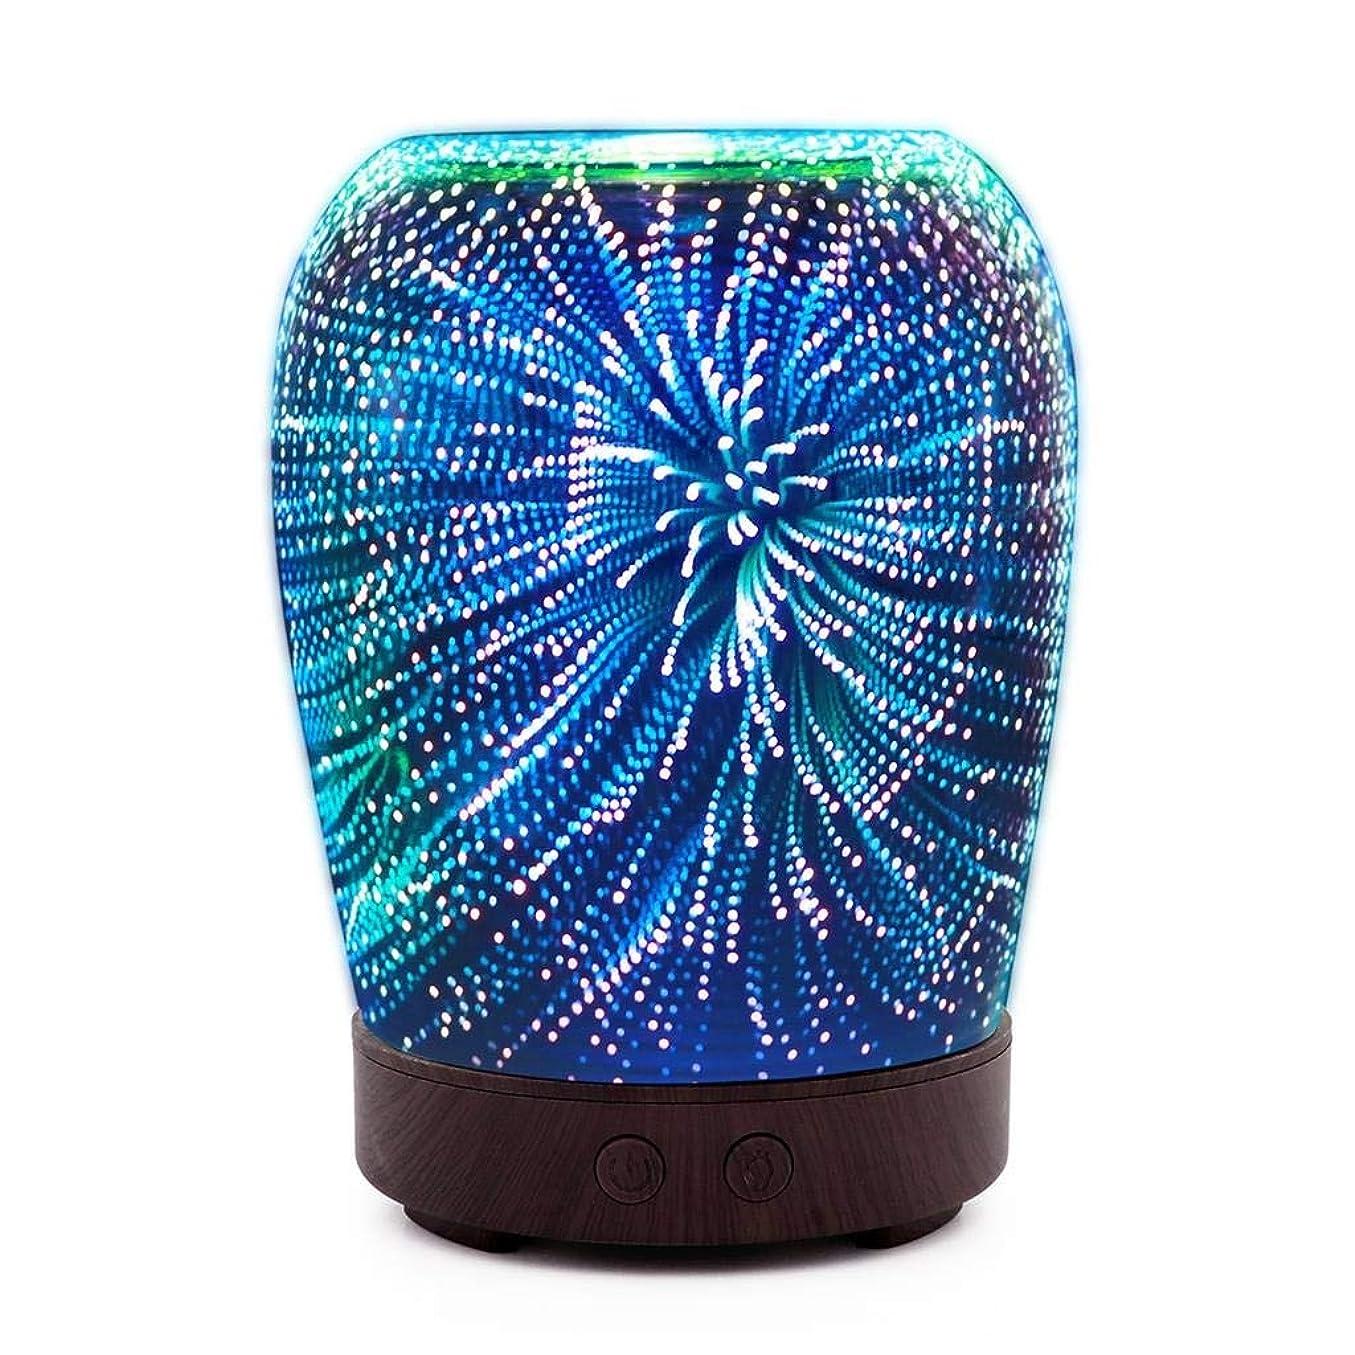 光電崩壊アルコーブ芳香 拡張器 清涼 薄霧 加湿器 アロマディフューザー 車内や家庭で使用 (Color : Fireworks)